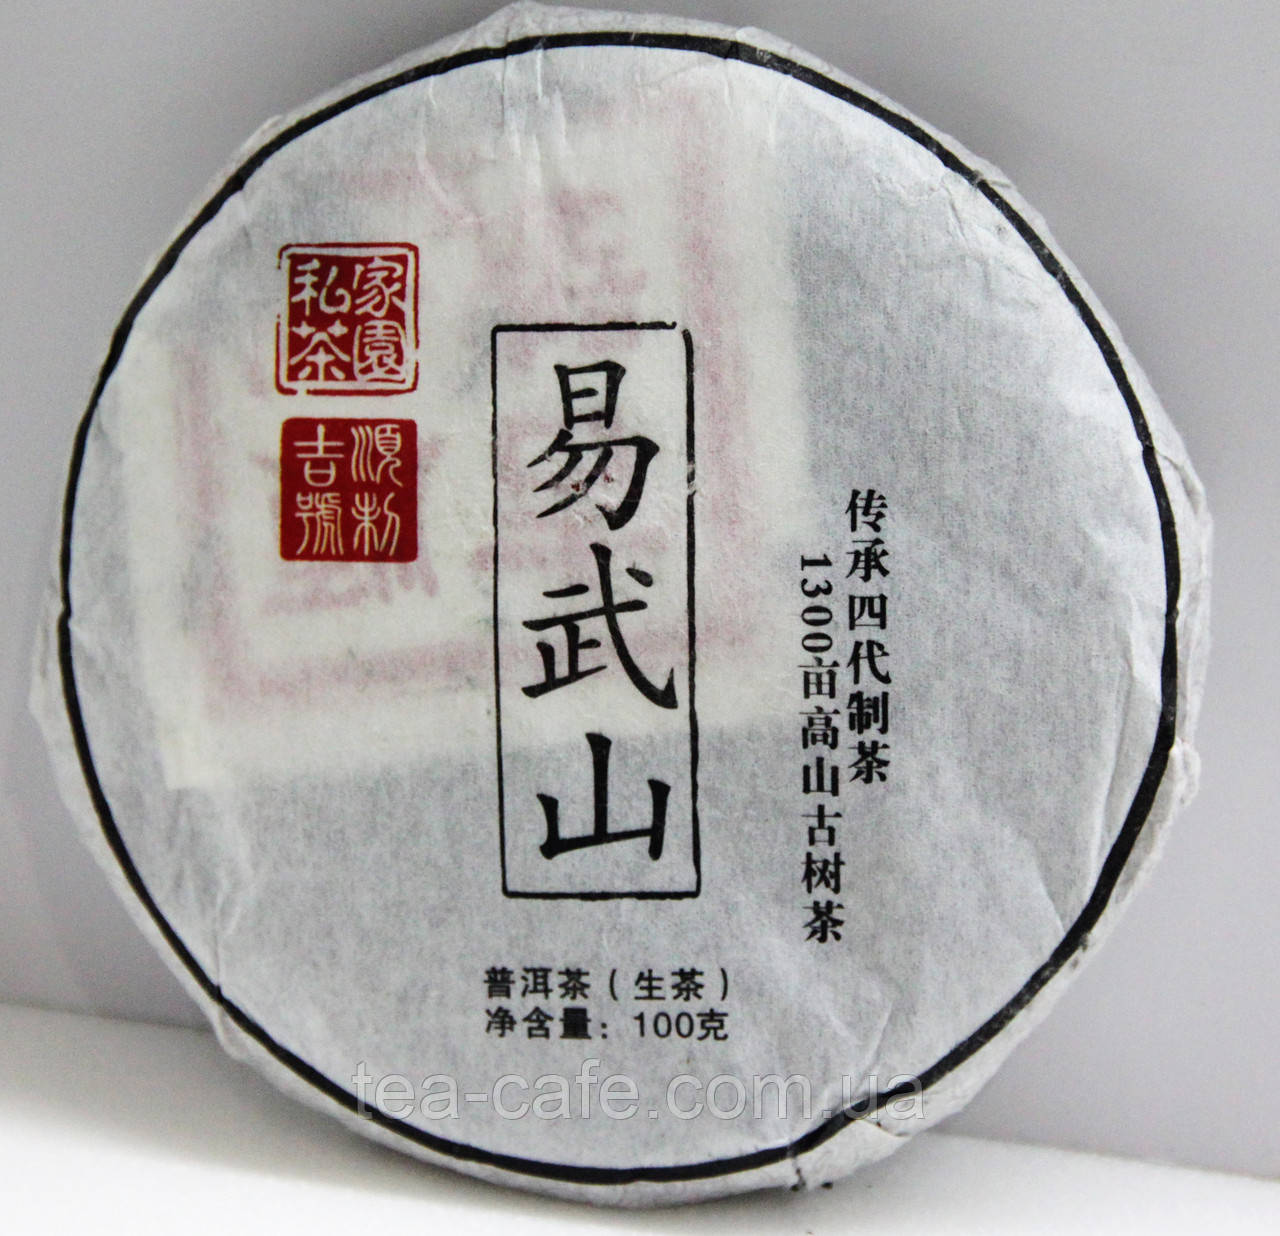 Чай ПуЭр Шен (зеленый) Yi Wu San 100гр